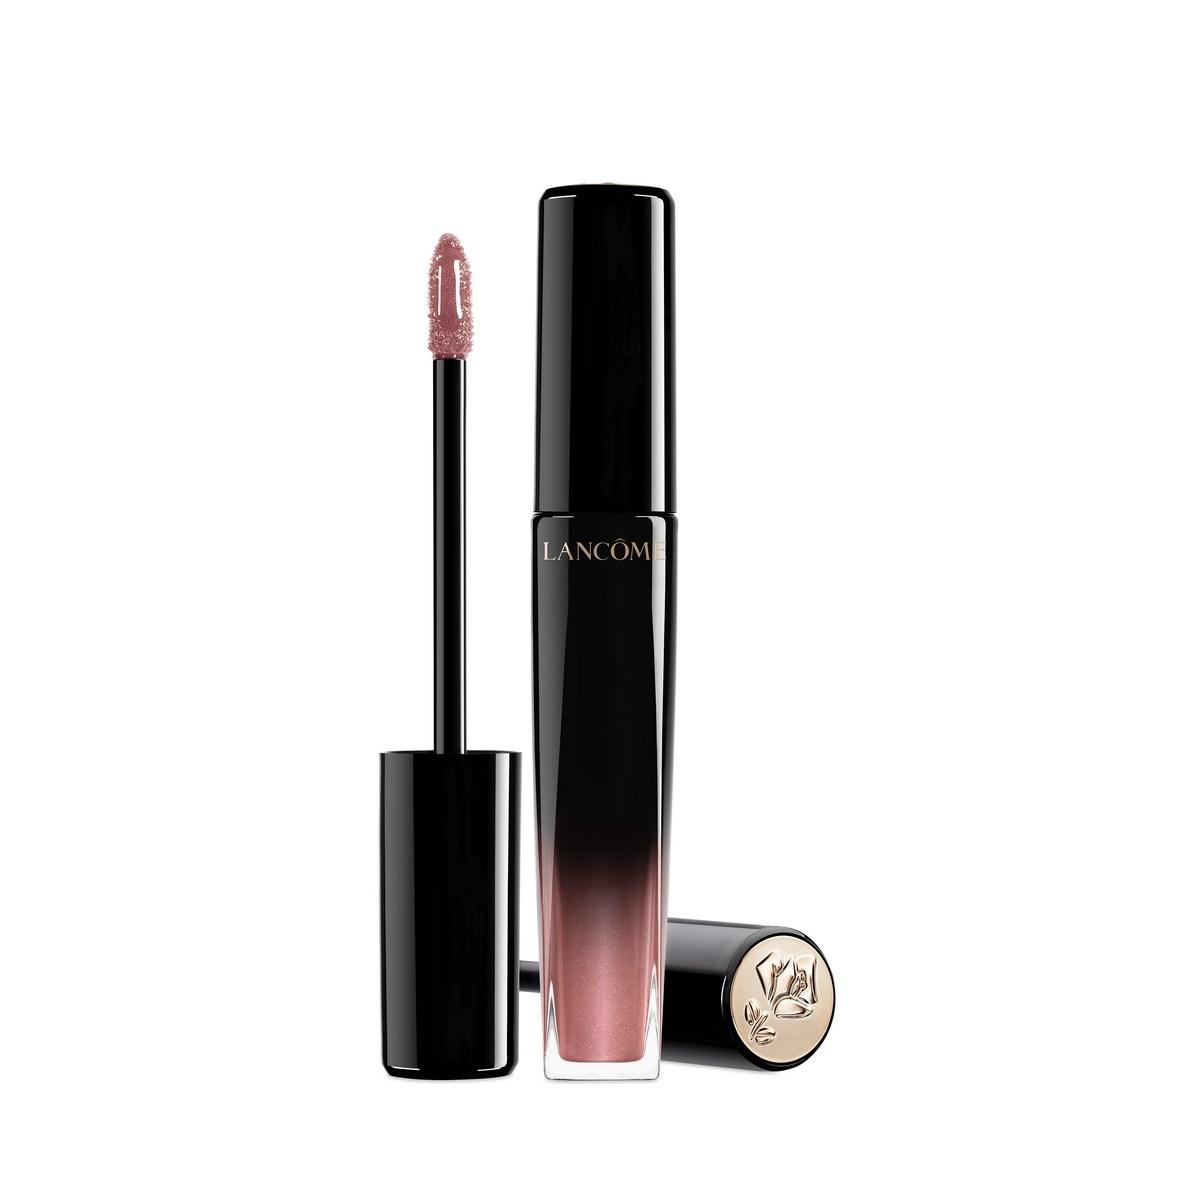 Lancôme L'Absolu Lacquer Lipstick, 308 let me shine